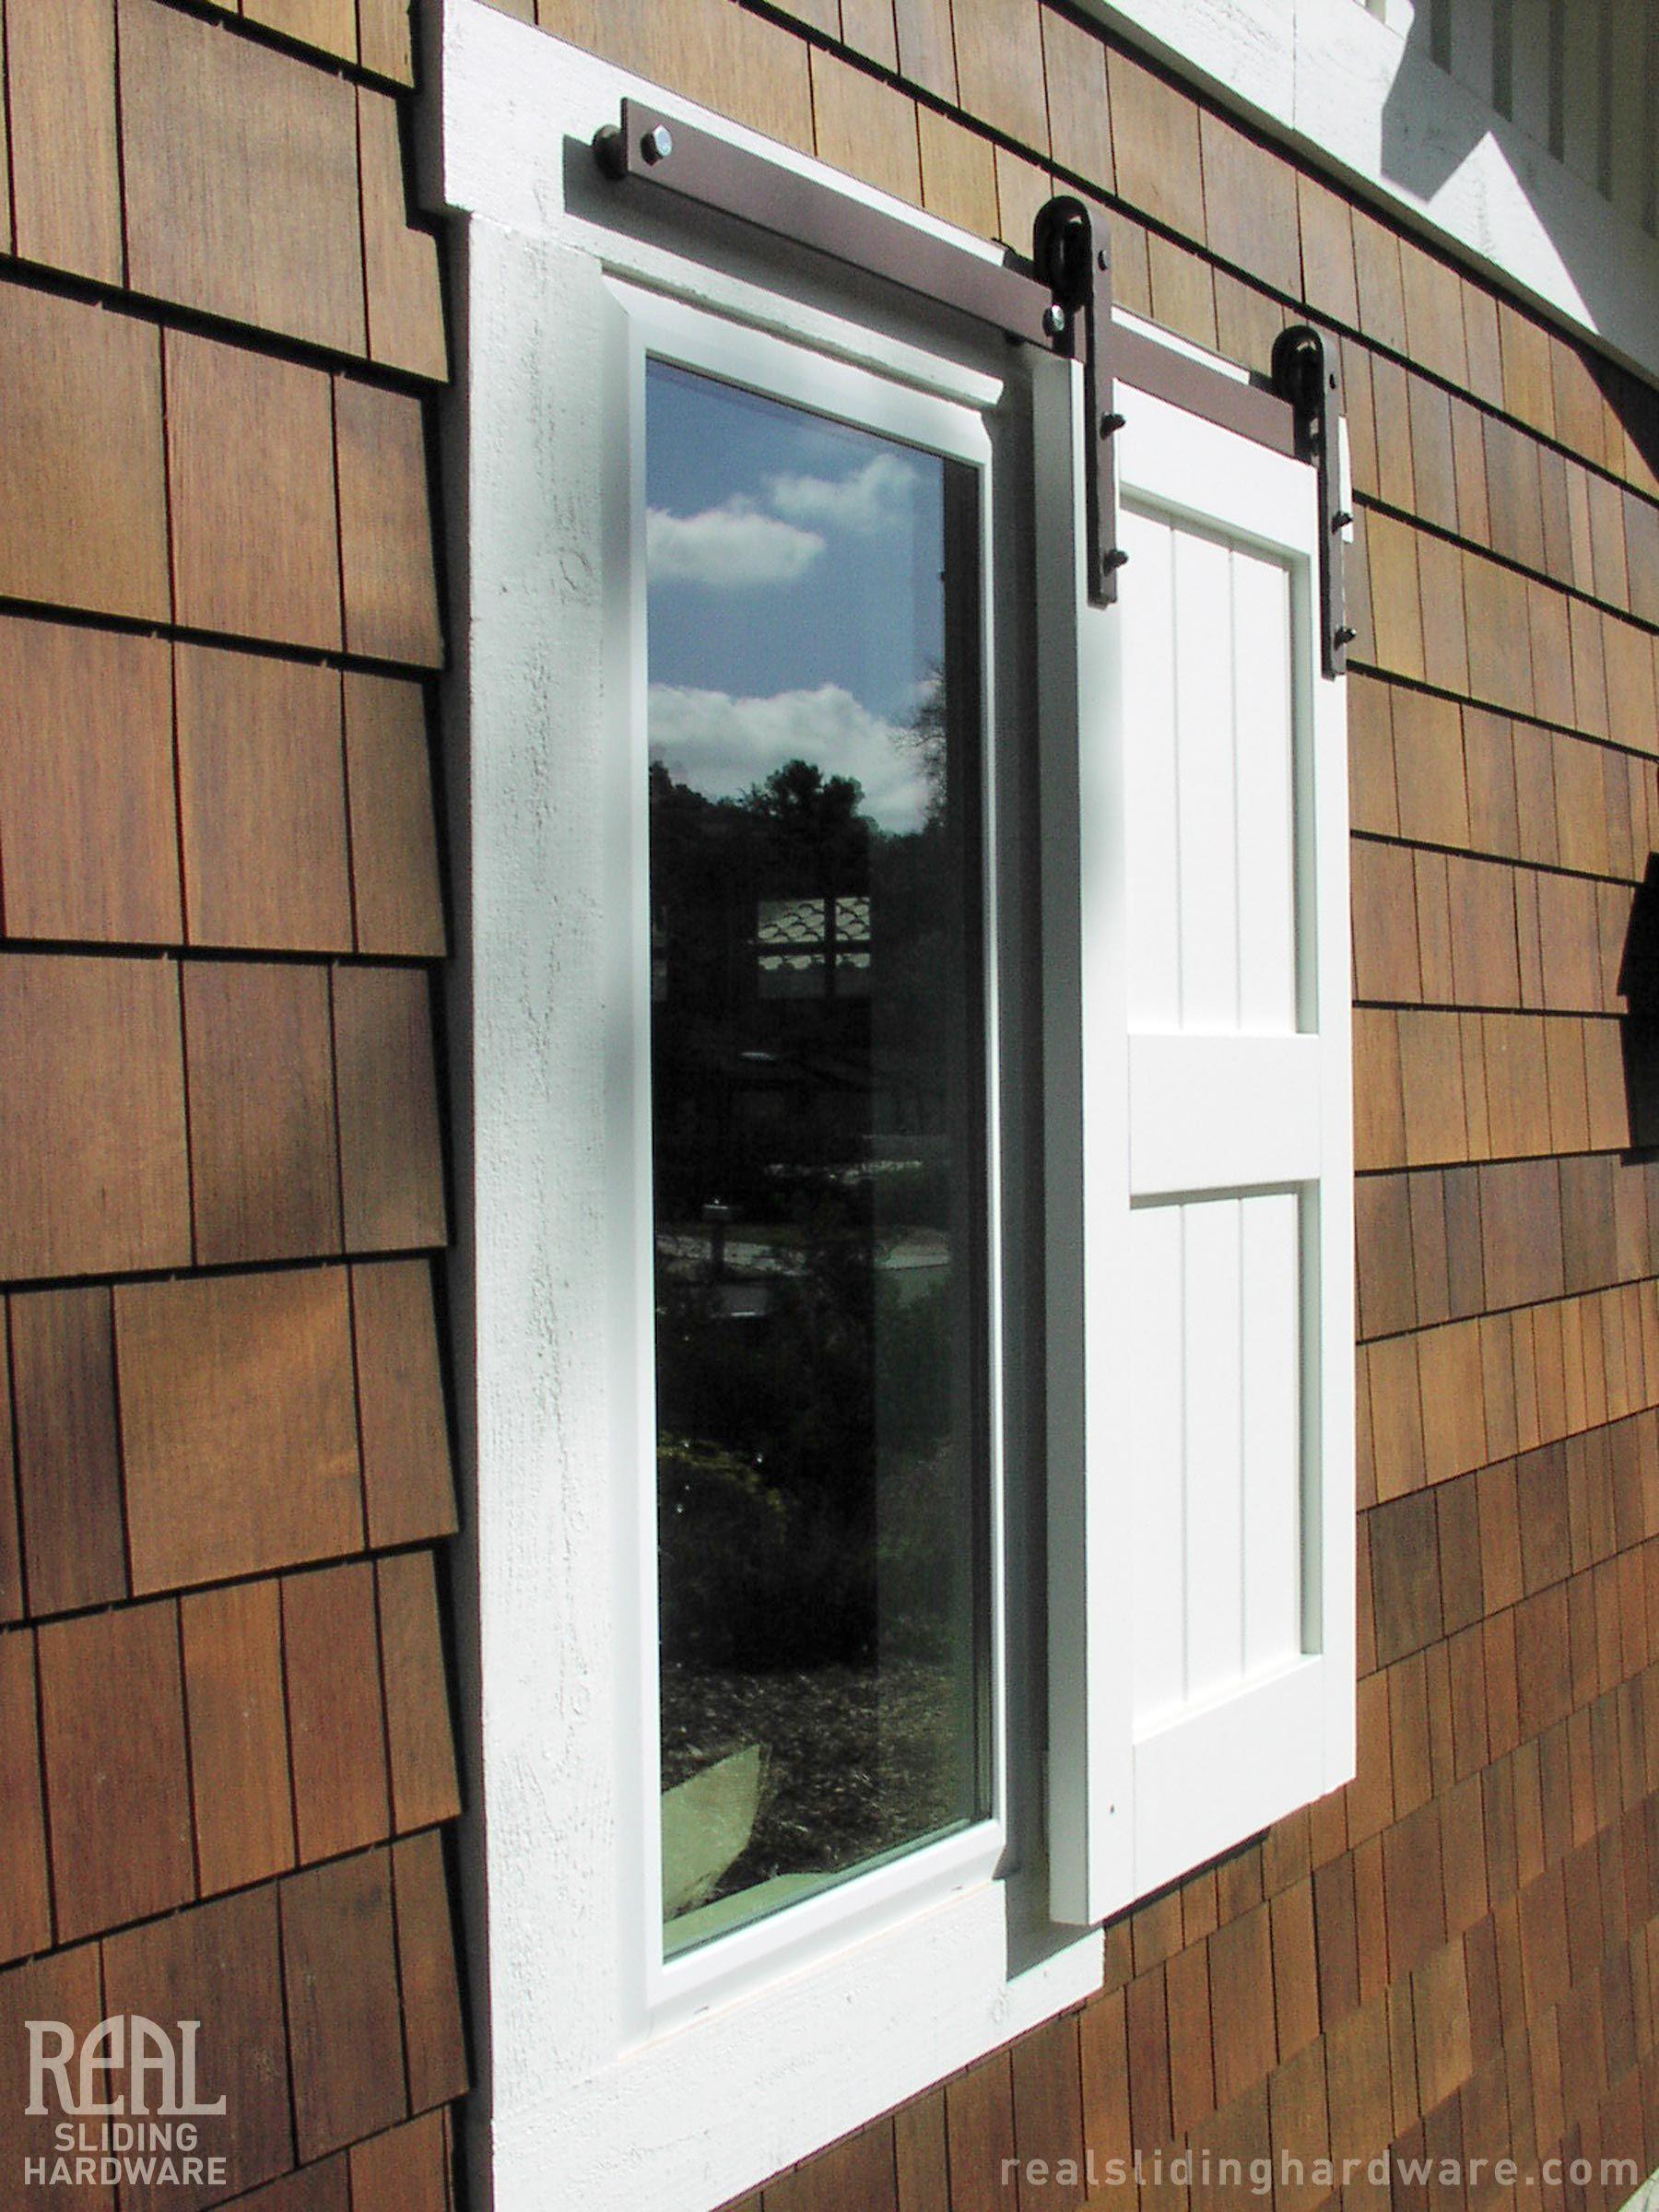 Hhhhh Modern Shutter Outdoor Sliding Window Shutter Shutters Exterior Outdoor Window Shutters House Shutters